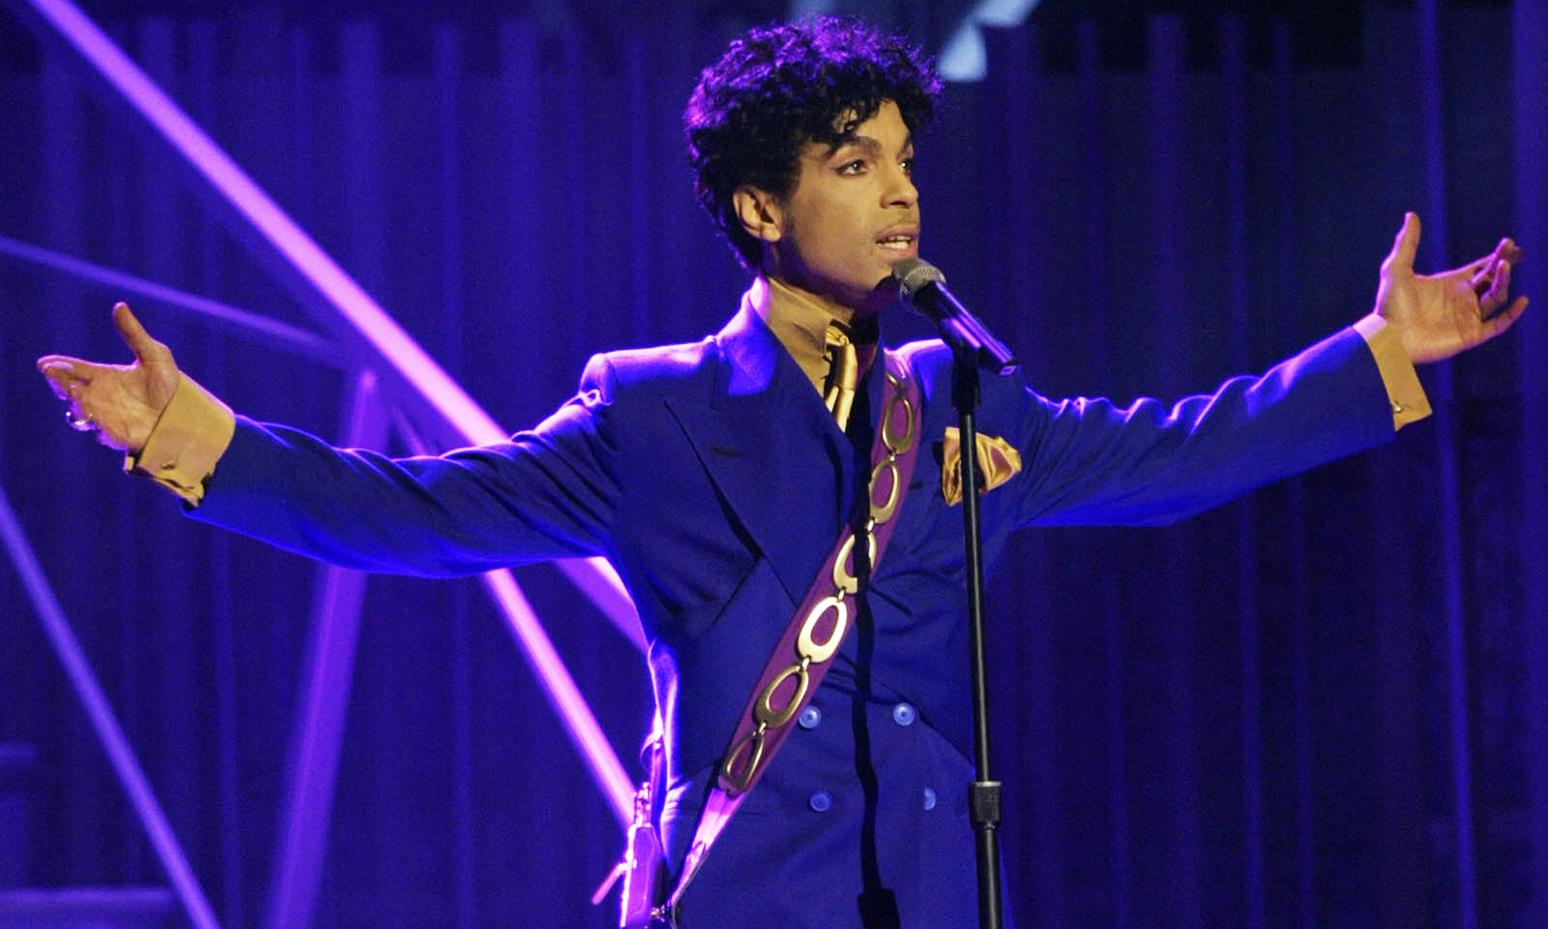 超稀有 Prince《The Black Album》副本天价售出